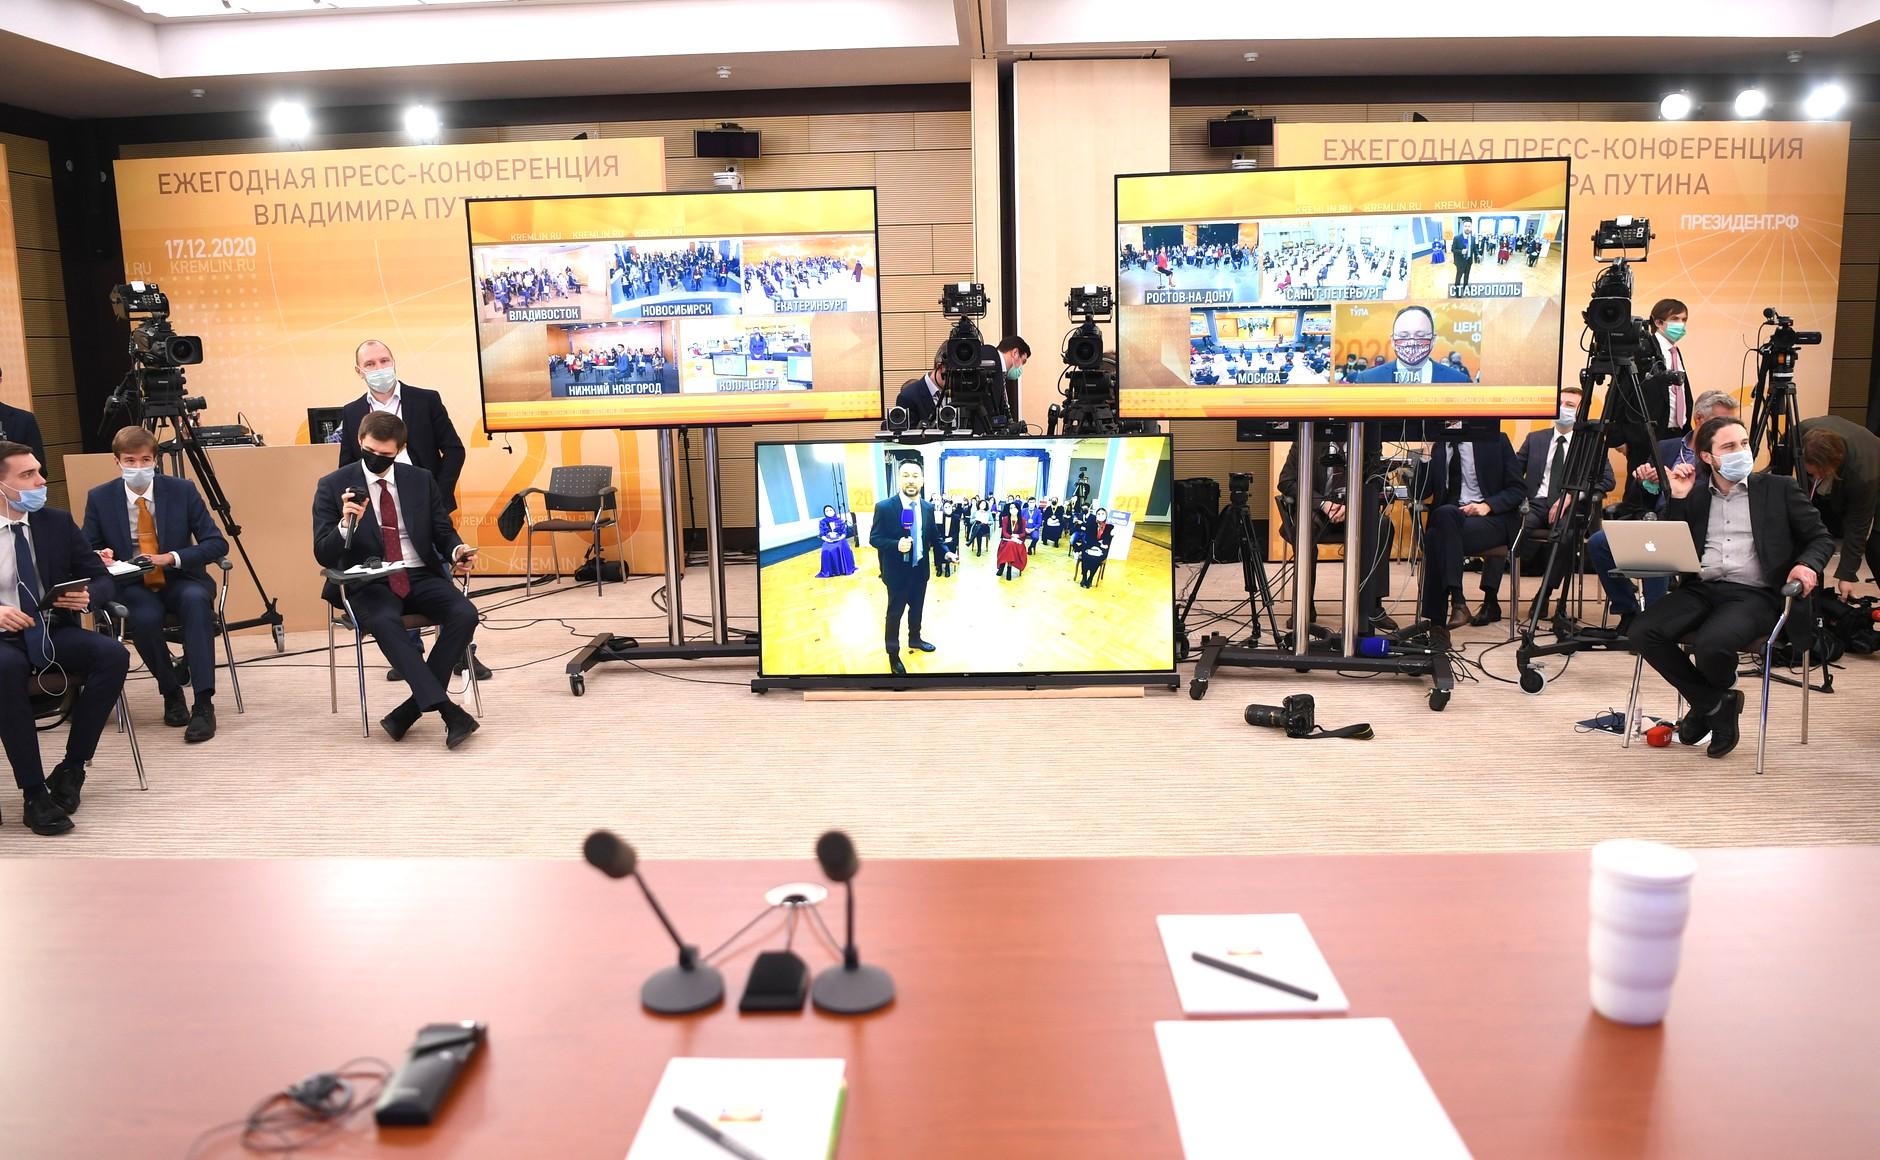 RUSSIE 17.12.2020.CONFERENCE 3 XX 66 Avant le début de la conférence de presse annuelle de Vladimir Poutine.